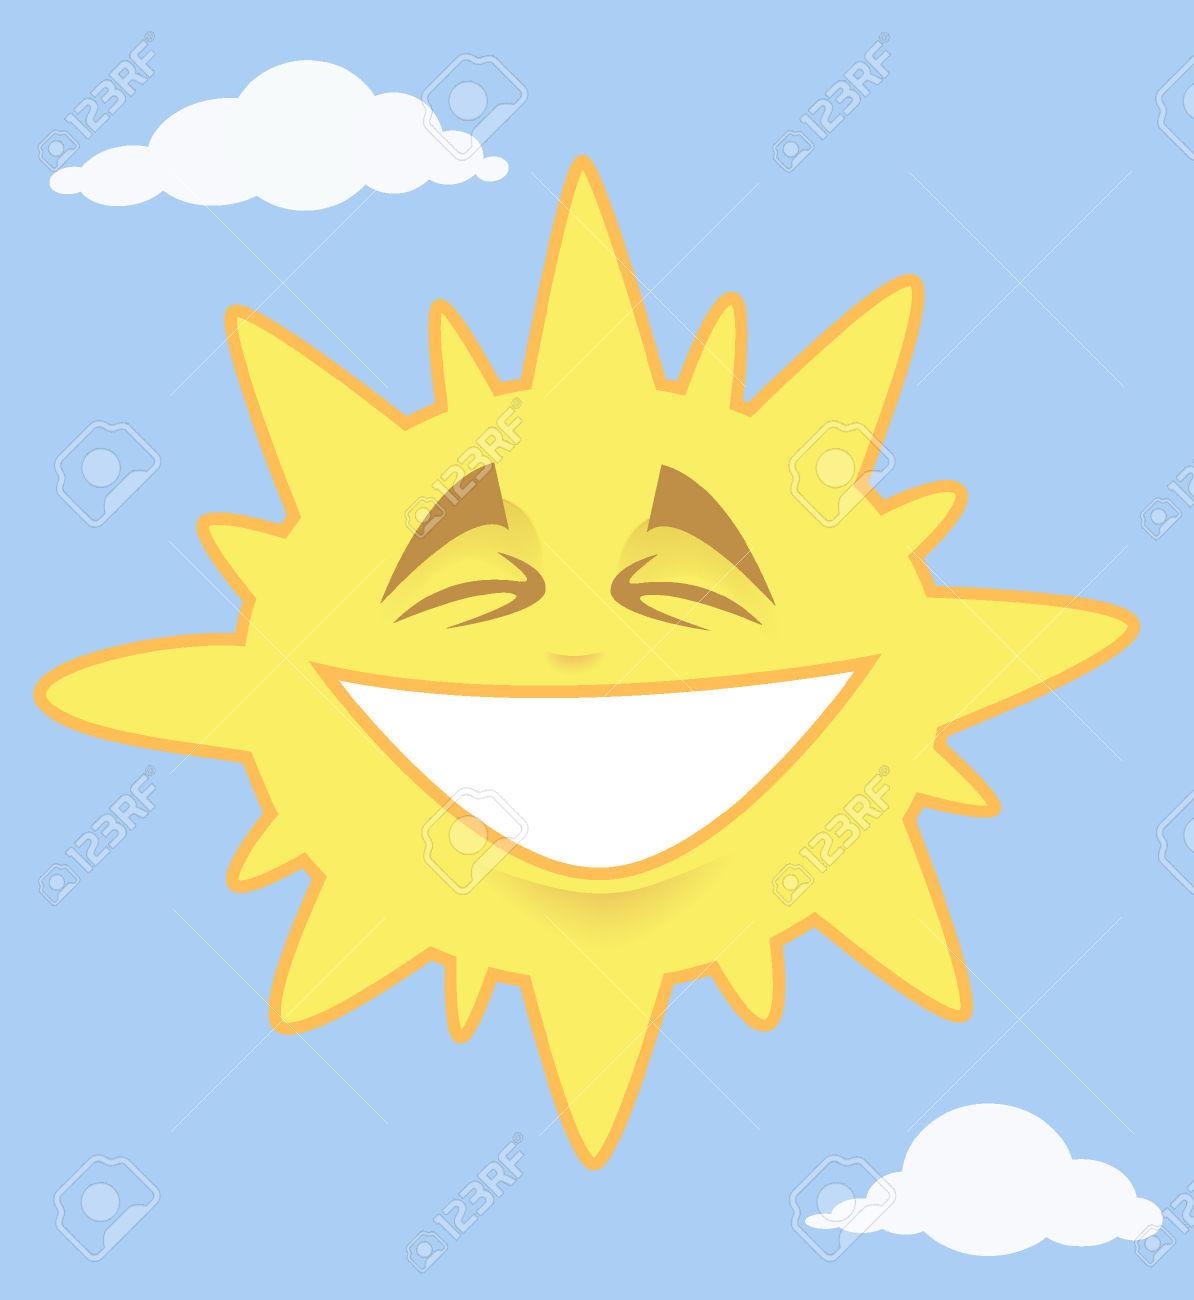 Le ciel clipart picture royalty free Sourire éclatant Soleil Dans Le Ciel Avec Nuages Clip Art Libres ... picture royalty free